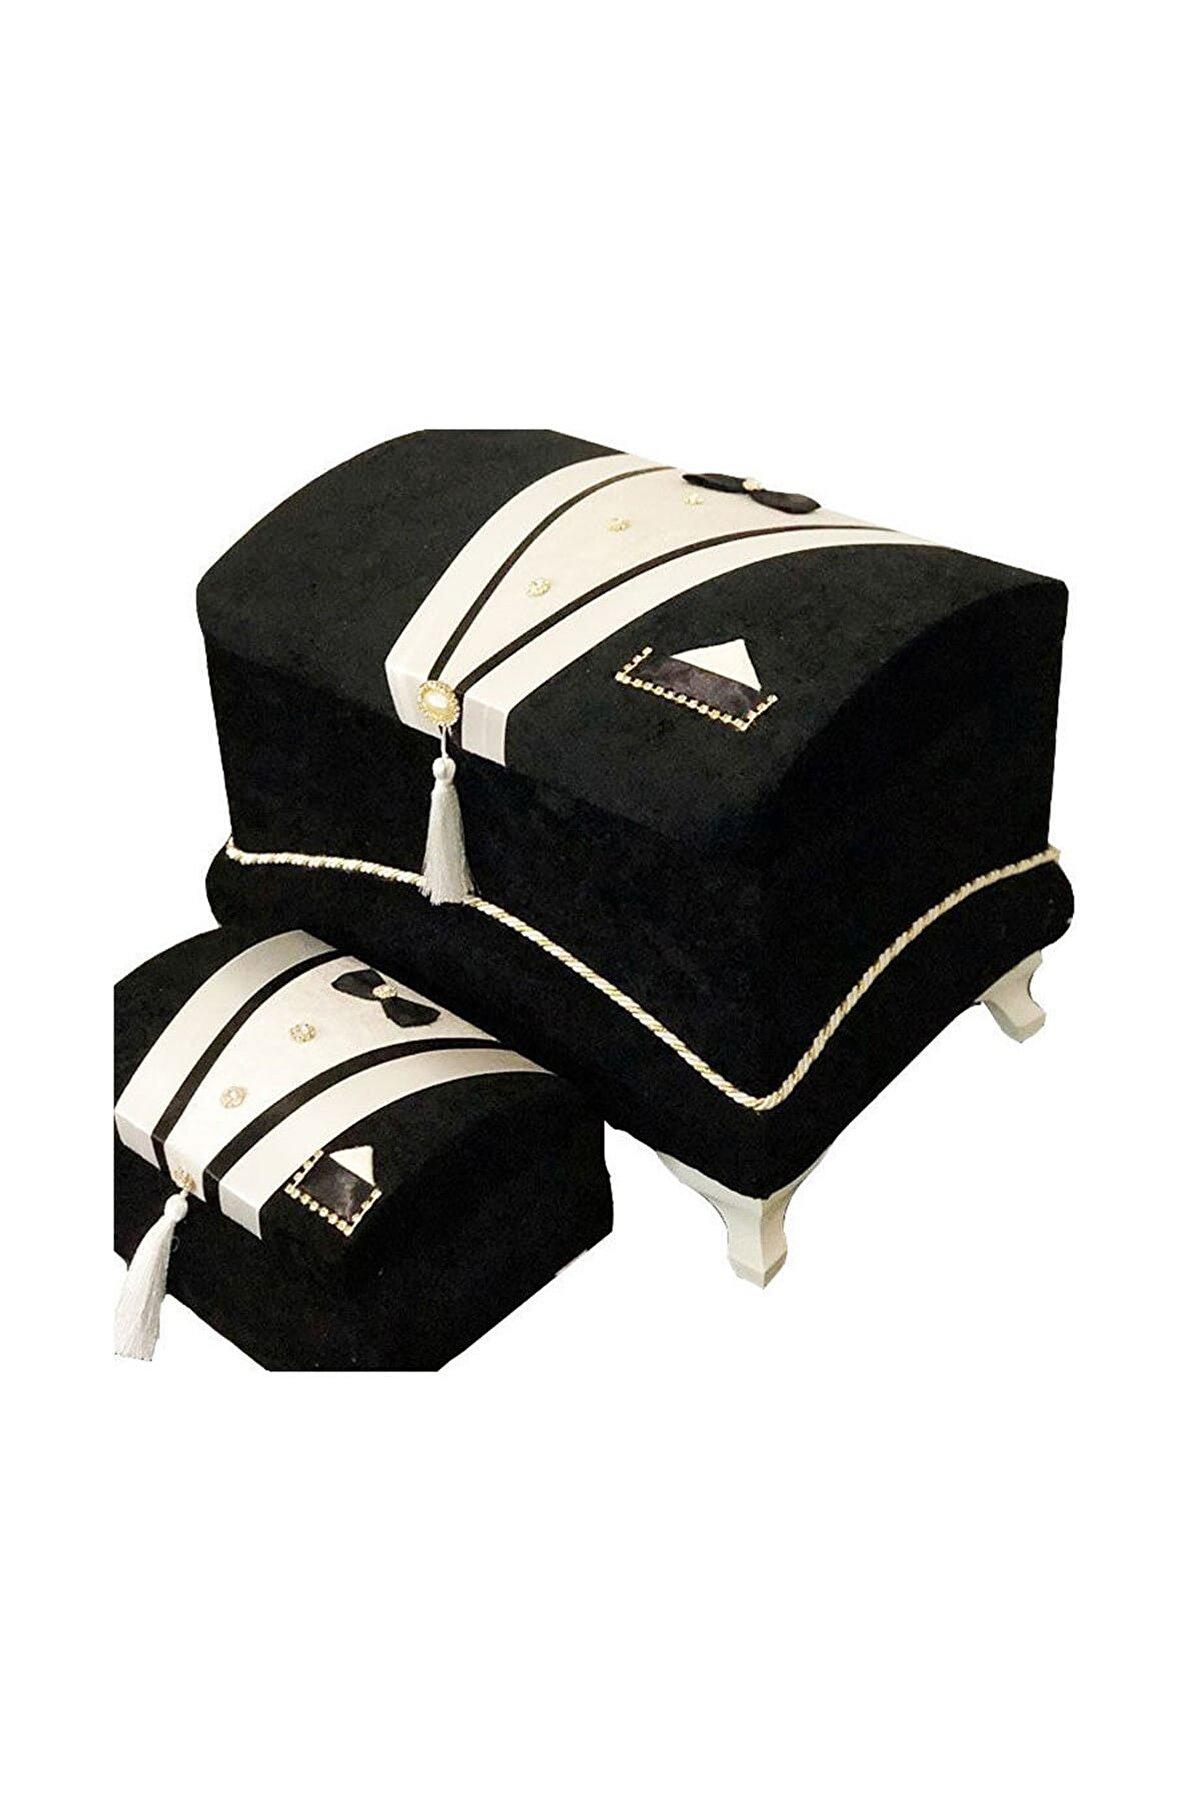 Çt Çeyizci Tekstil Çeyiz Sandığı Yaka Cepli Damat Model - Siyah